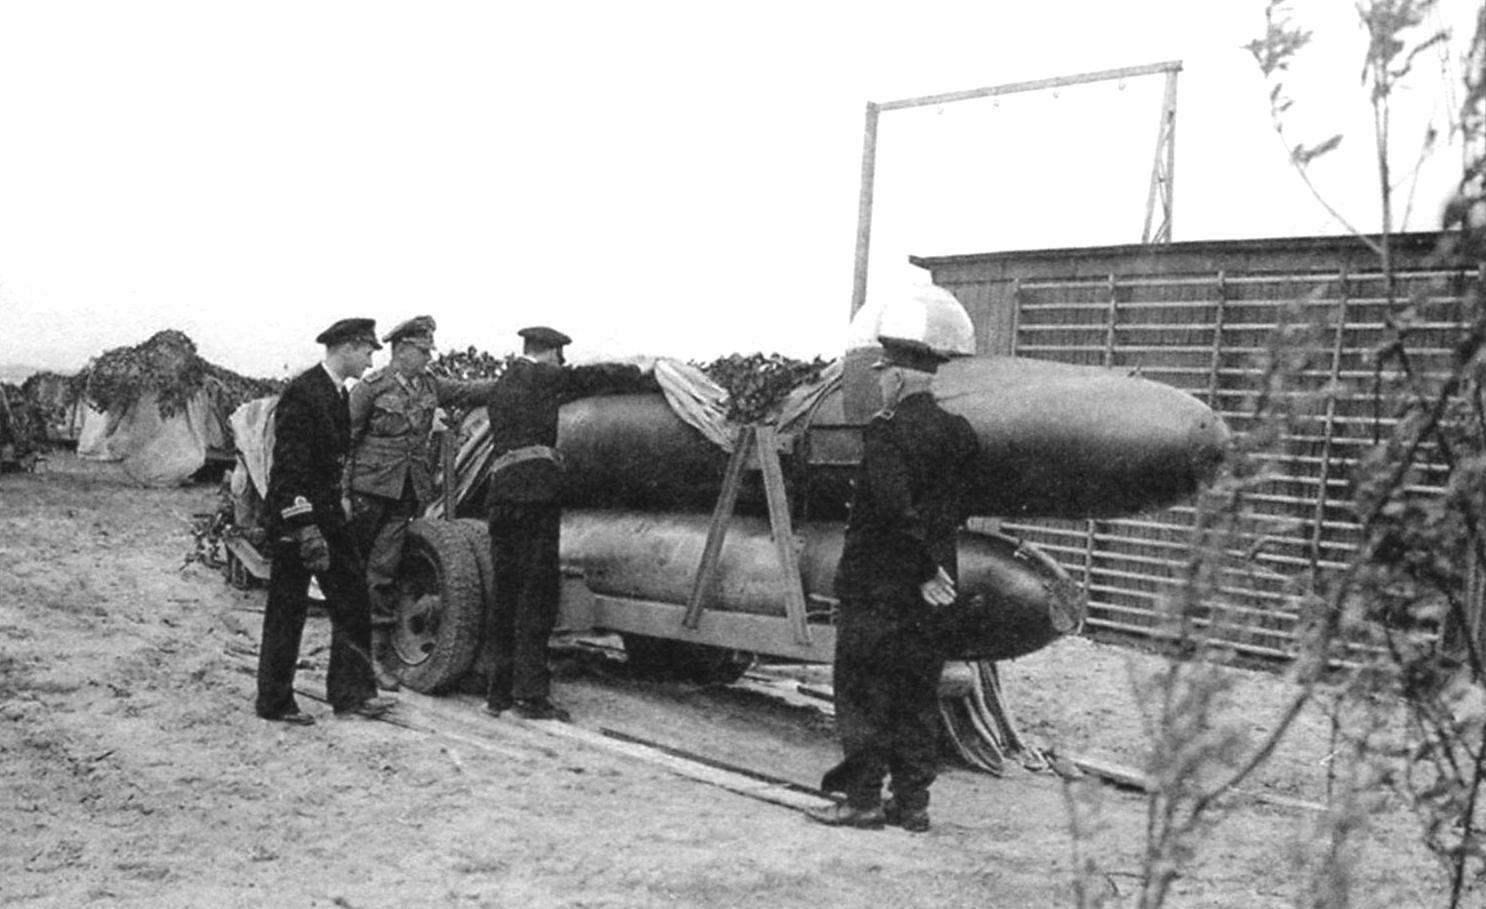 Торпеда Neger приготовлена к транспортировке на автомобильном прицепе